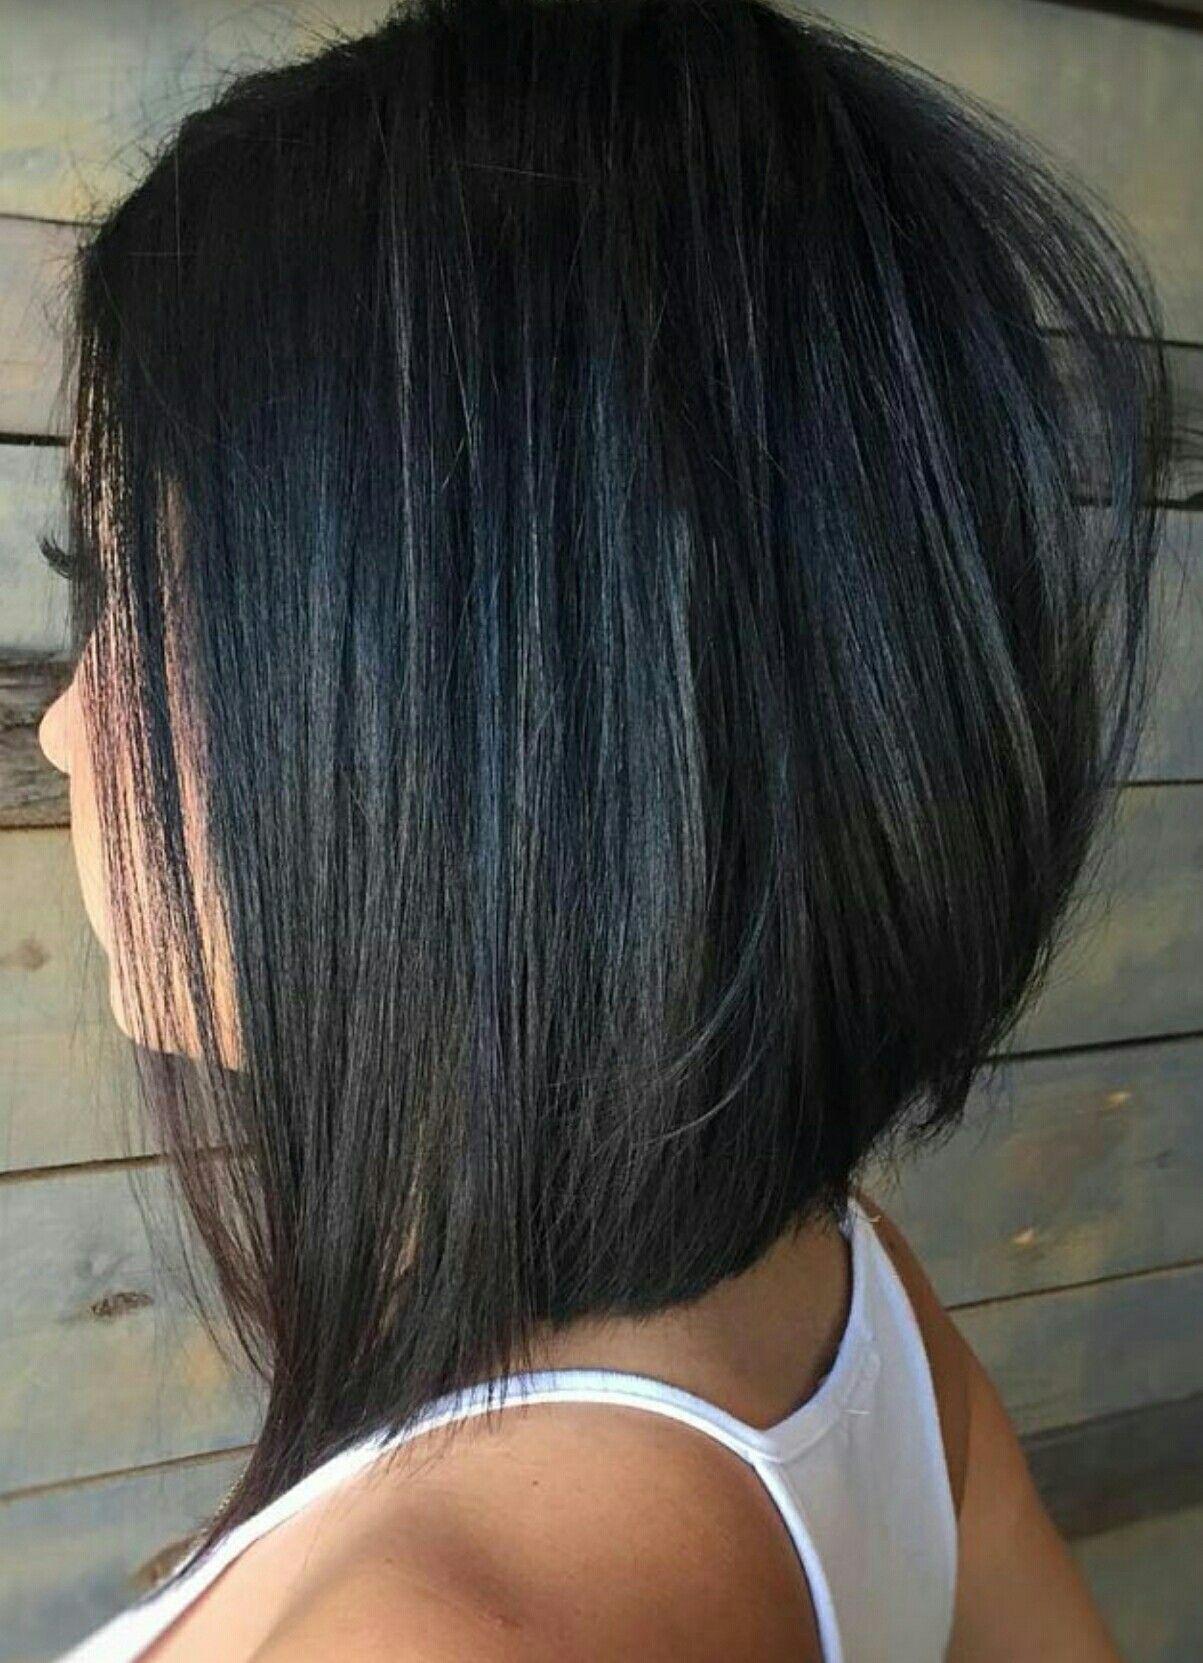 c62b57e b01c8cba05 1203—1663 Hair